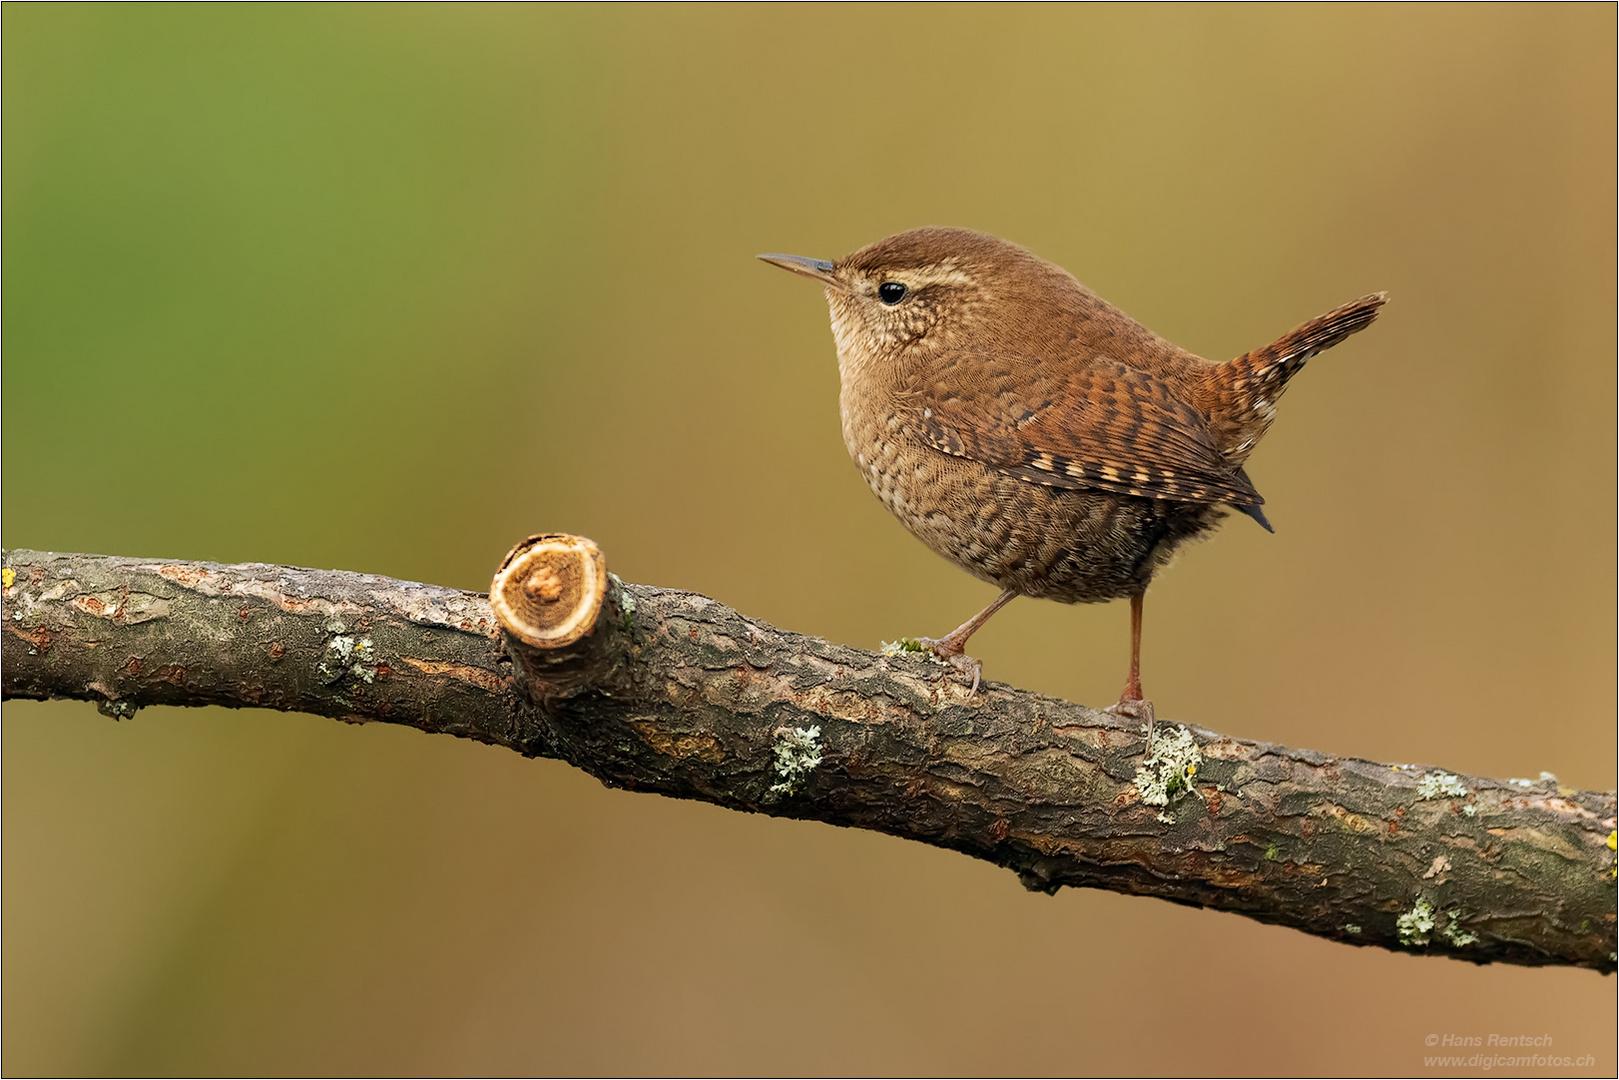 Zaunkonig Foto Bild Natur Bird Tiere Bilder Auf Fotocommunity